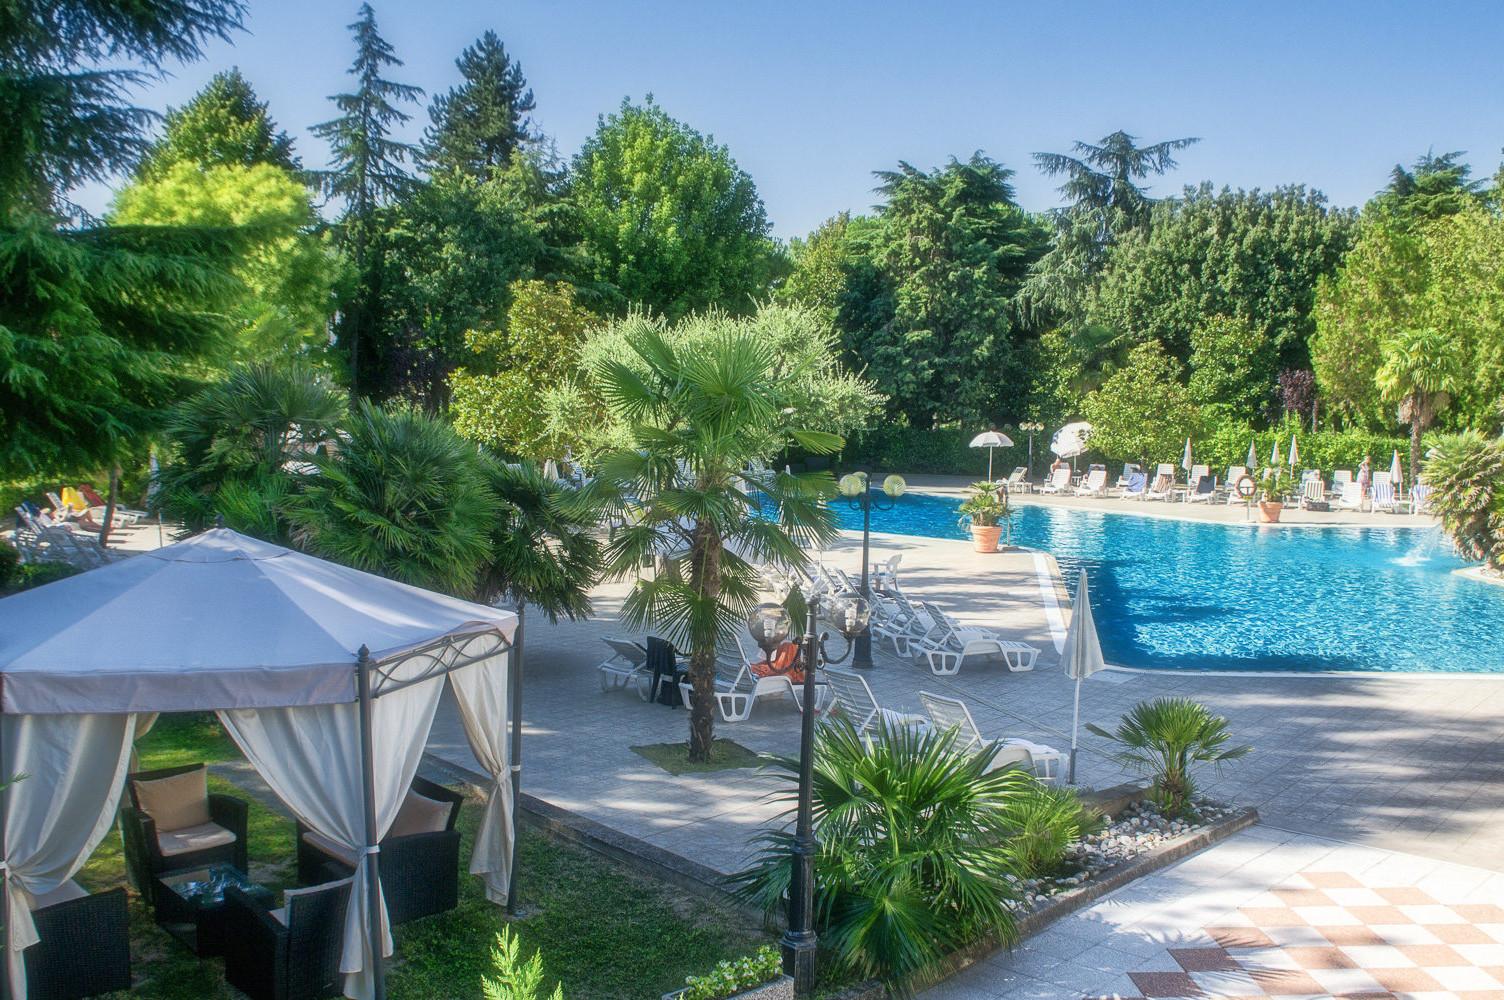 Offerte e Promozioni Hotel Abano Terme - Convenzione INPDAP